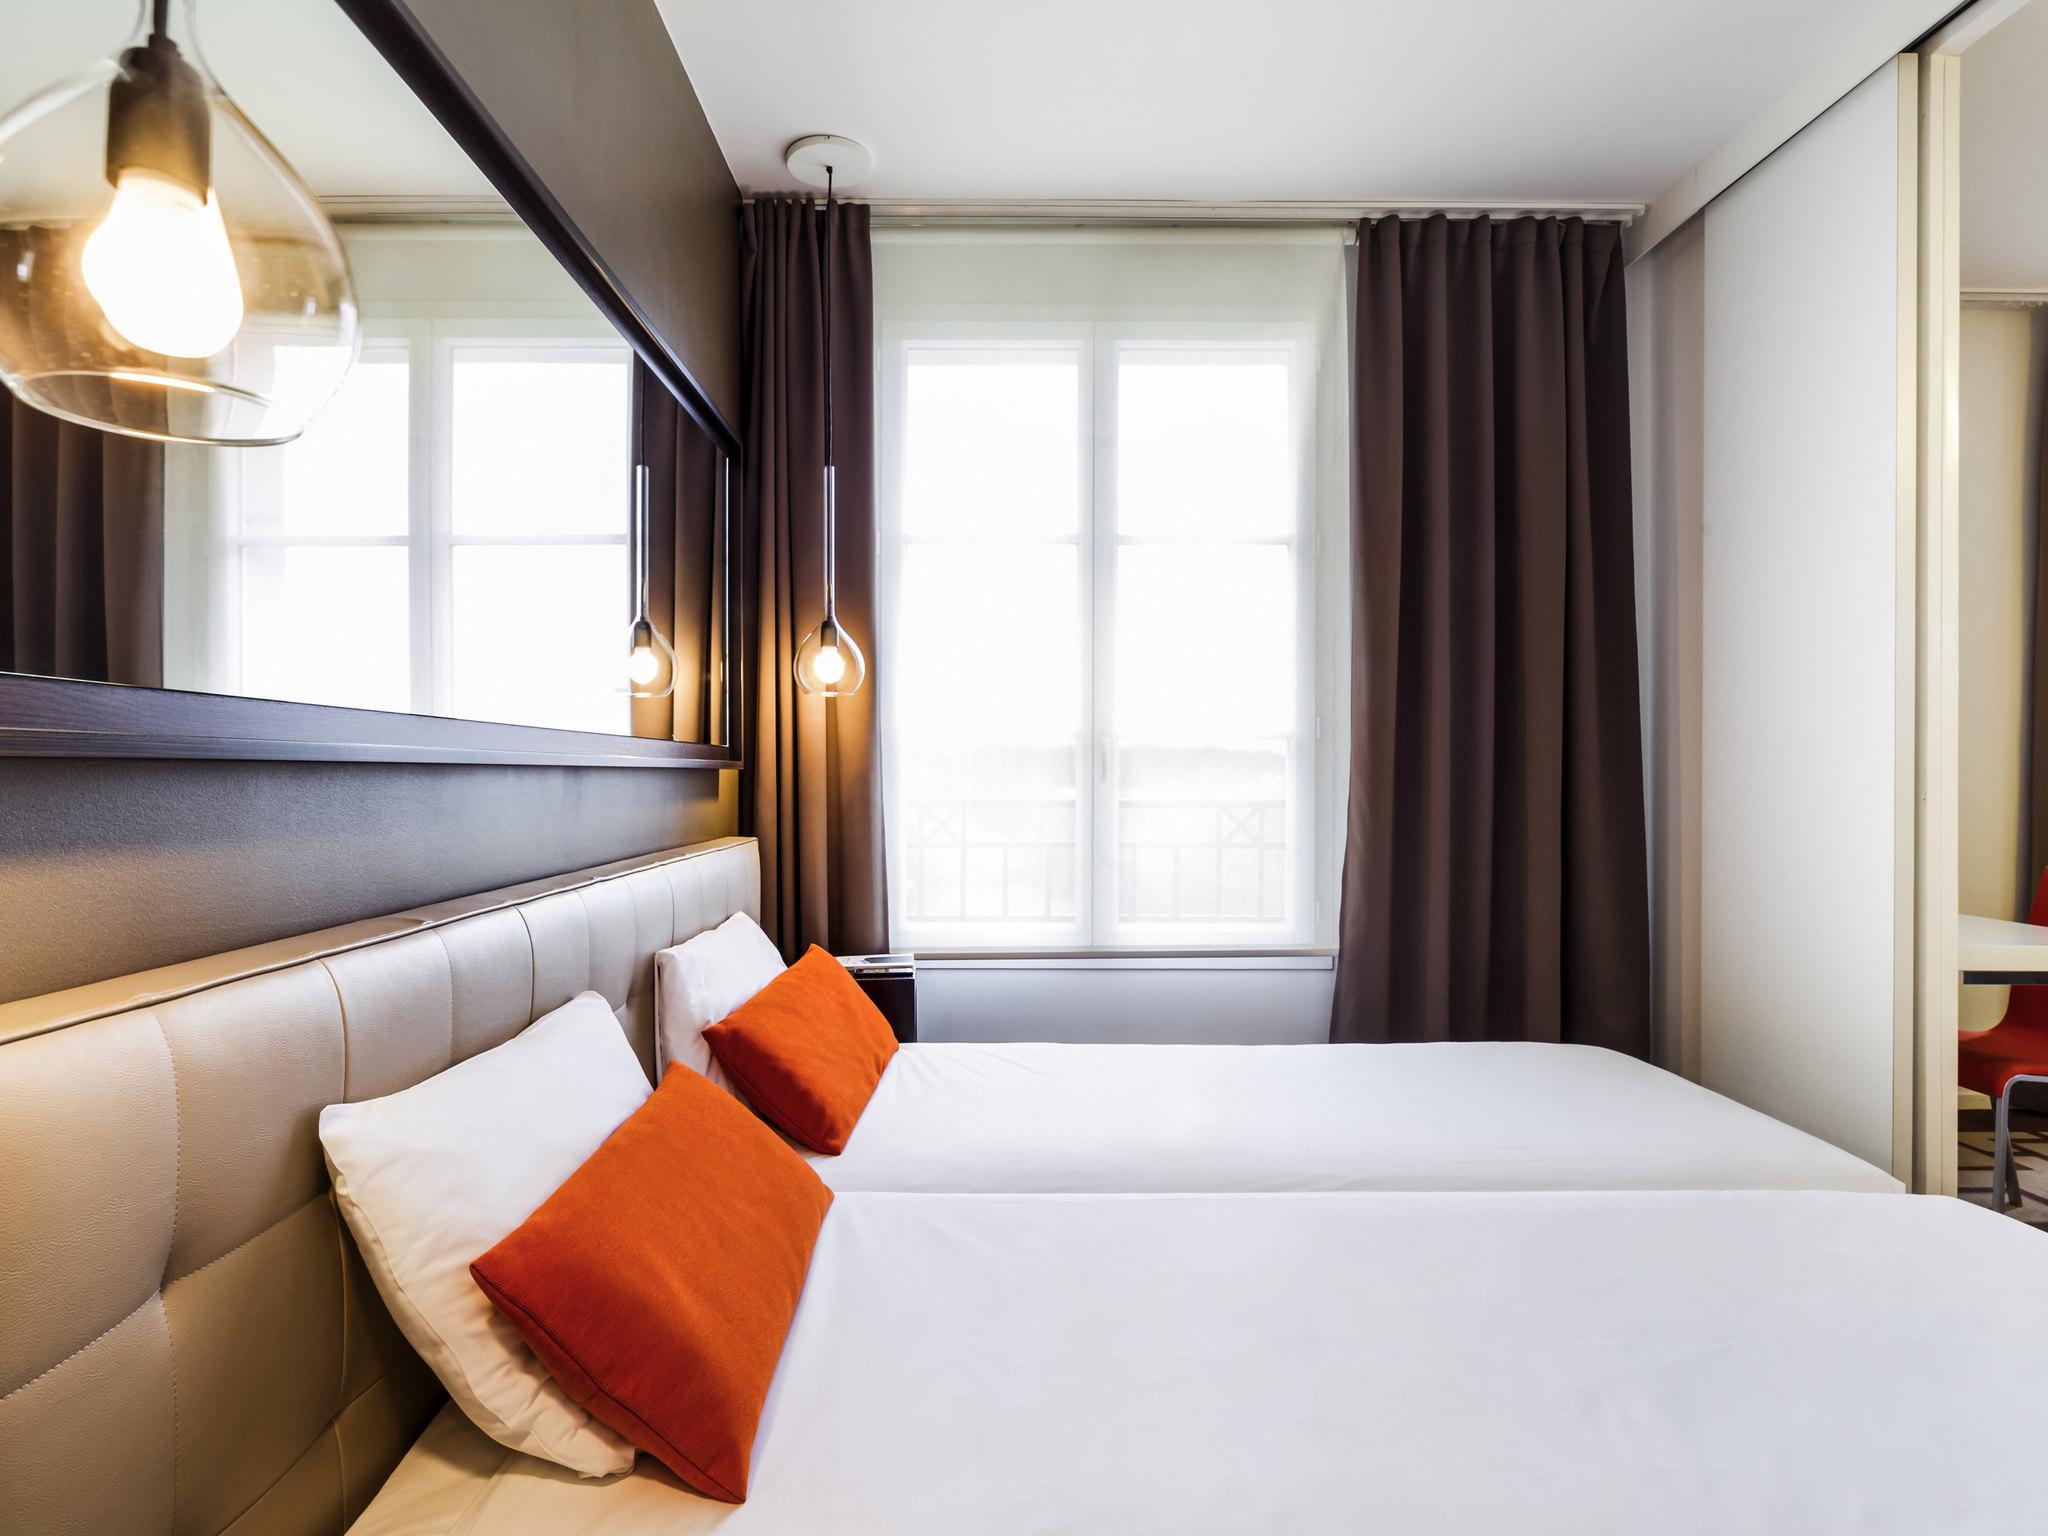 Hotell – Hipark by Adagio Marseille (öppnar i februari 2018)